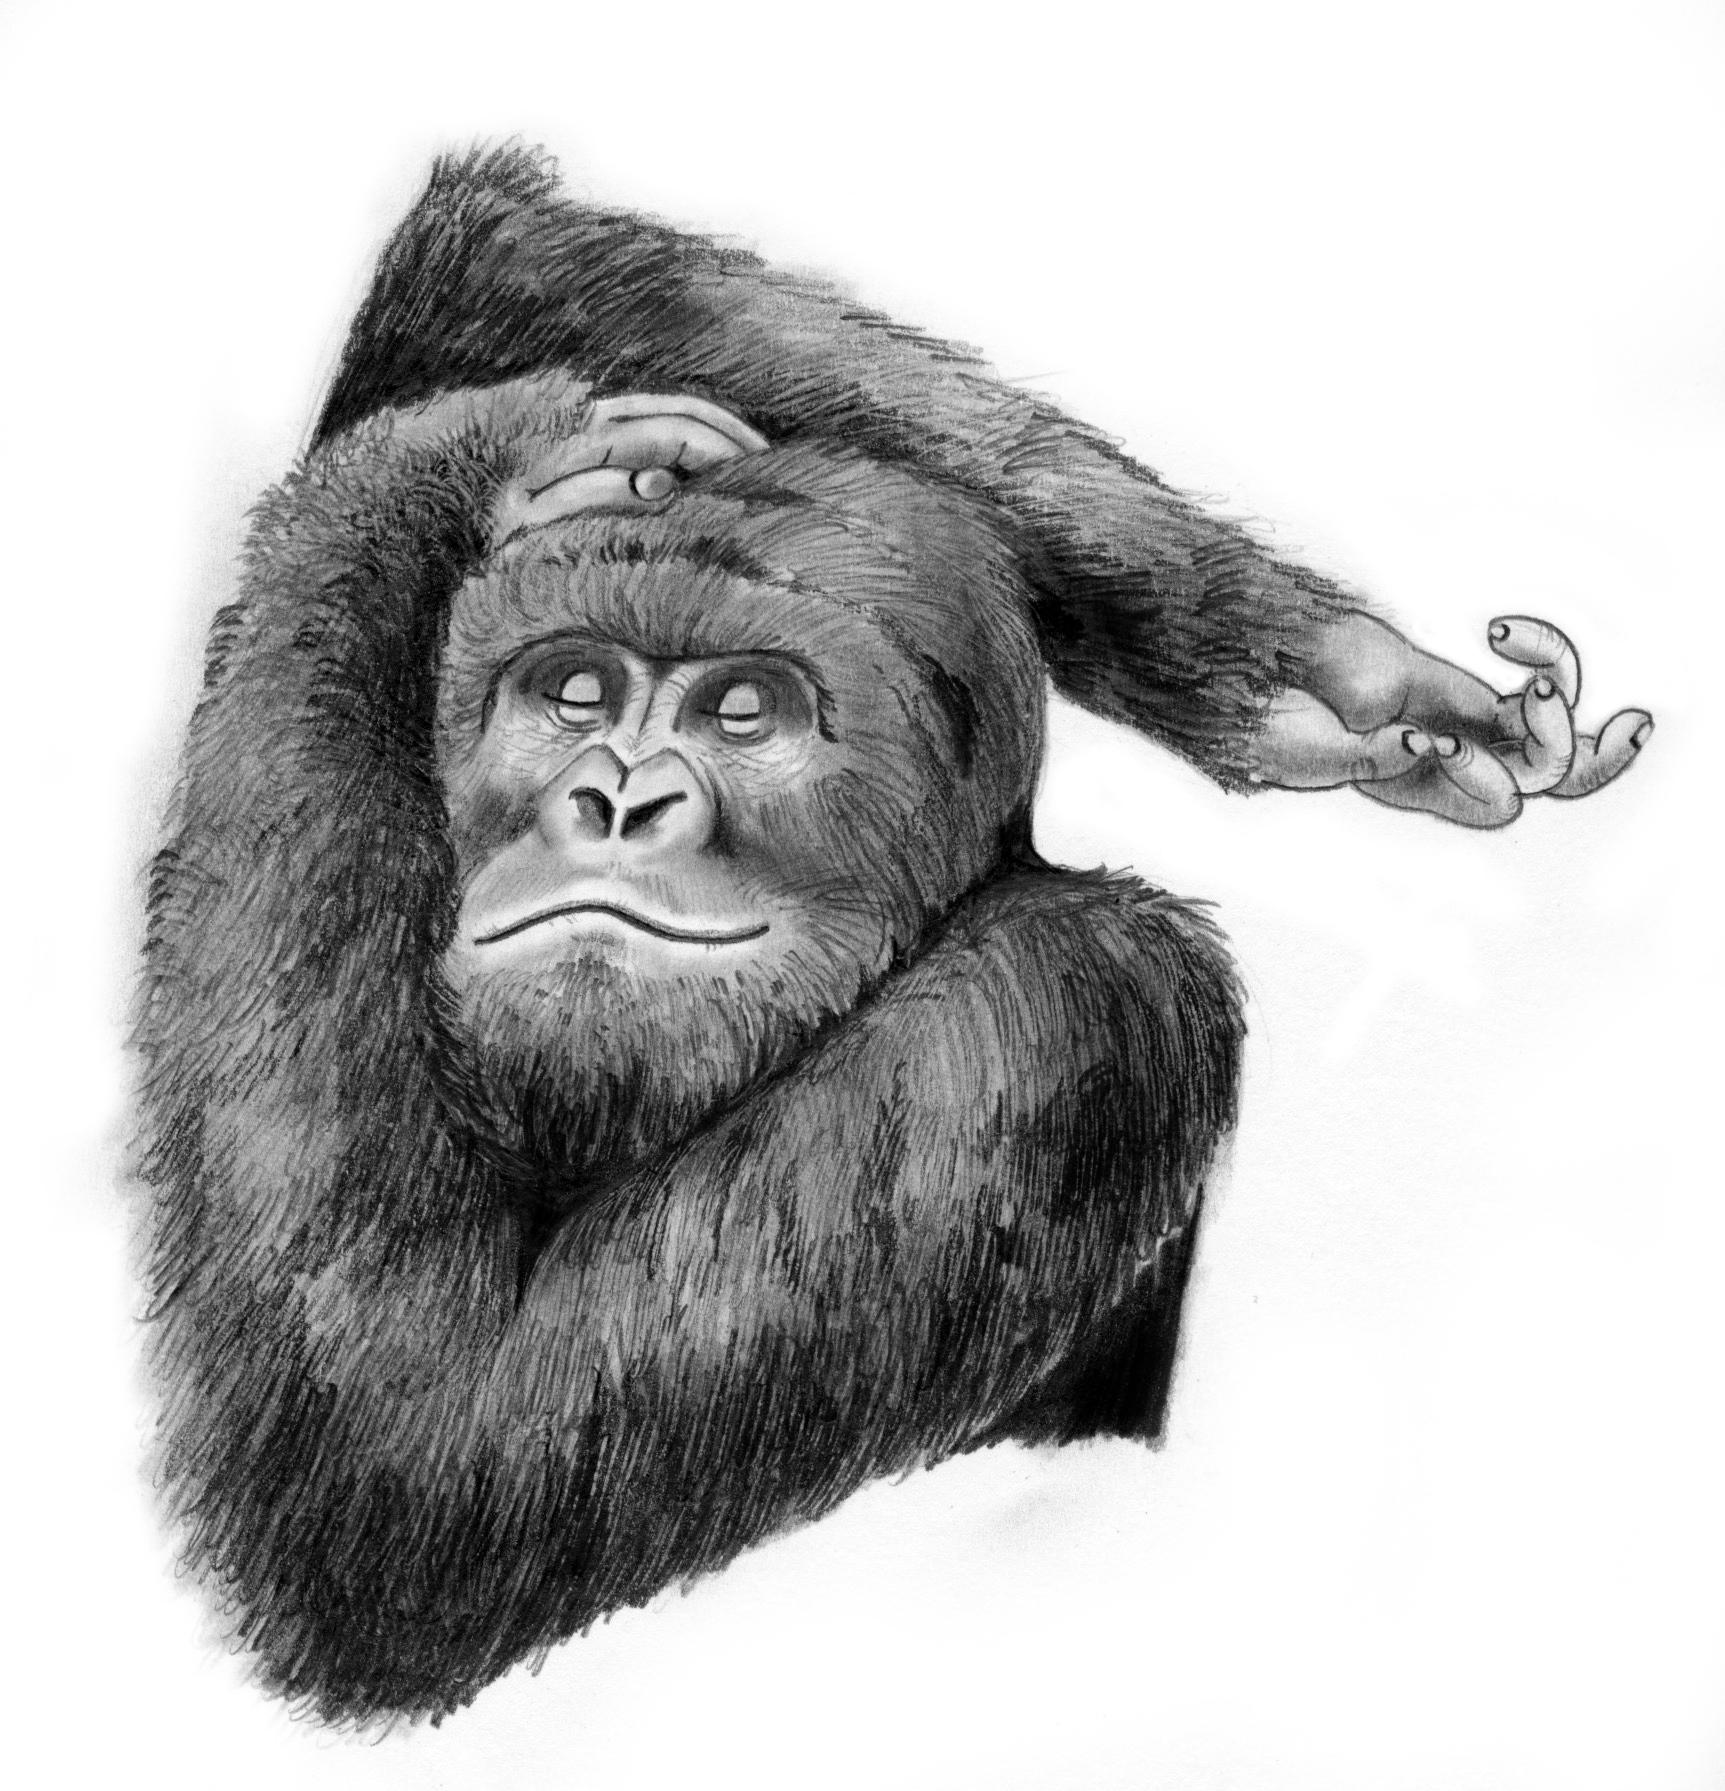 gorilla_pose.jpeg